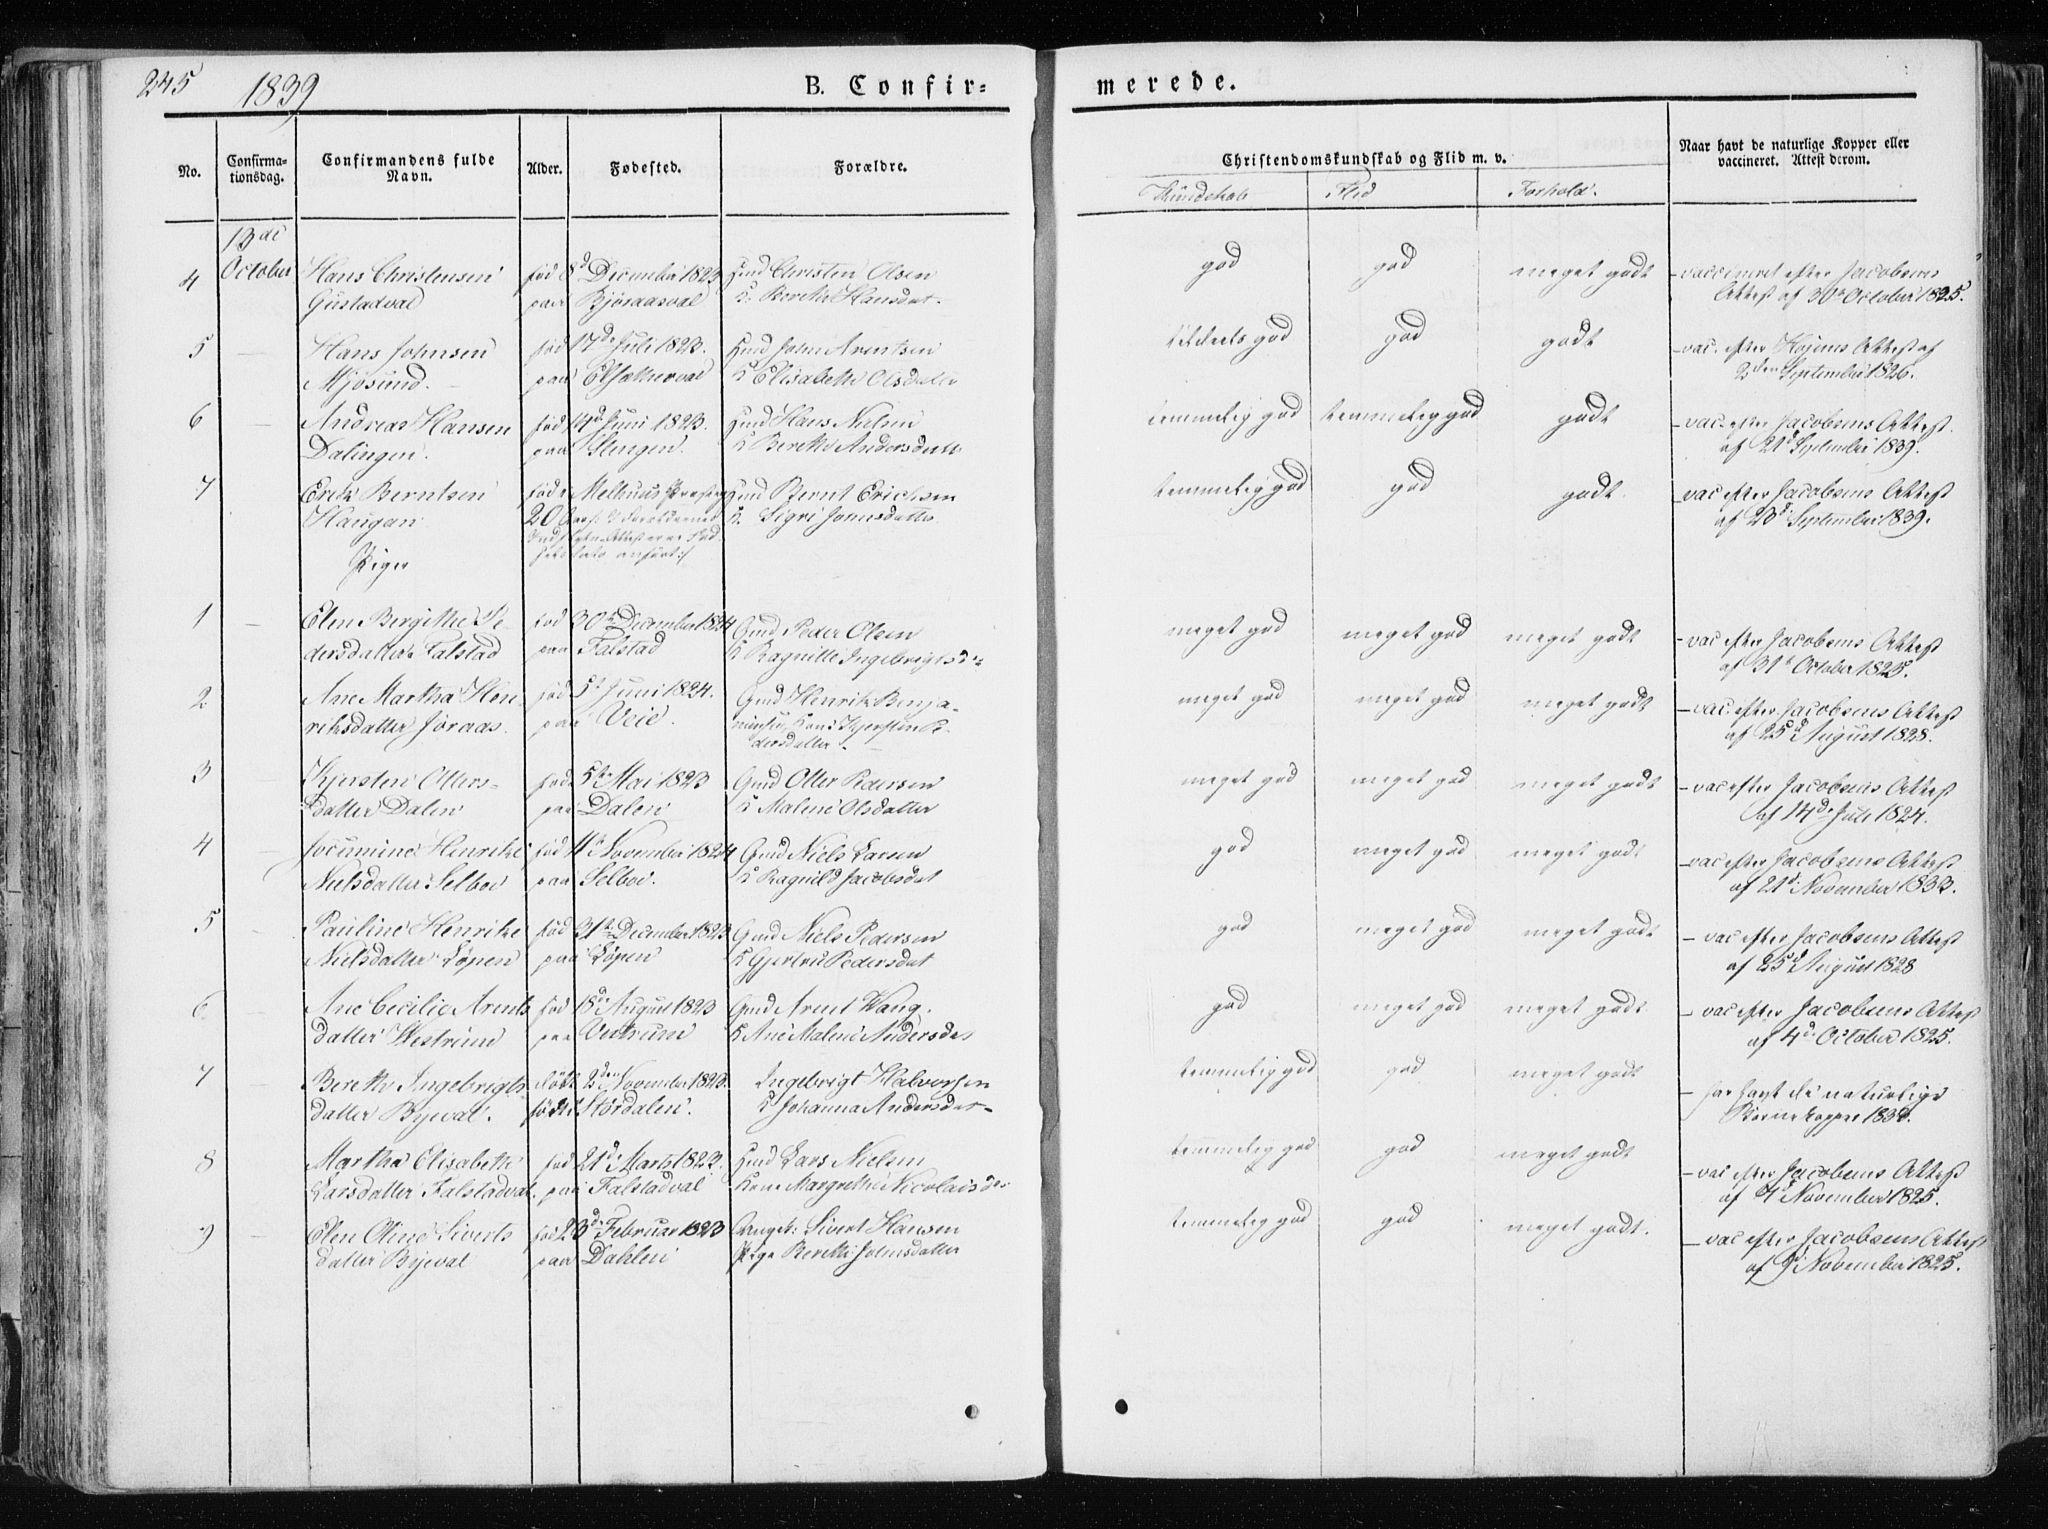 SAT, Ministerialprotokoller, klokkerbøker og fødselsregistre - Nord-Trøndelag, 717/L0154: Ministerialbok nr. 717A06 /1, 1836-1849, s. 245